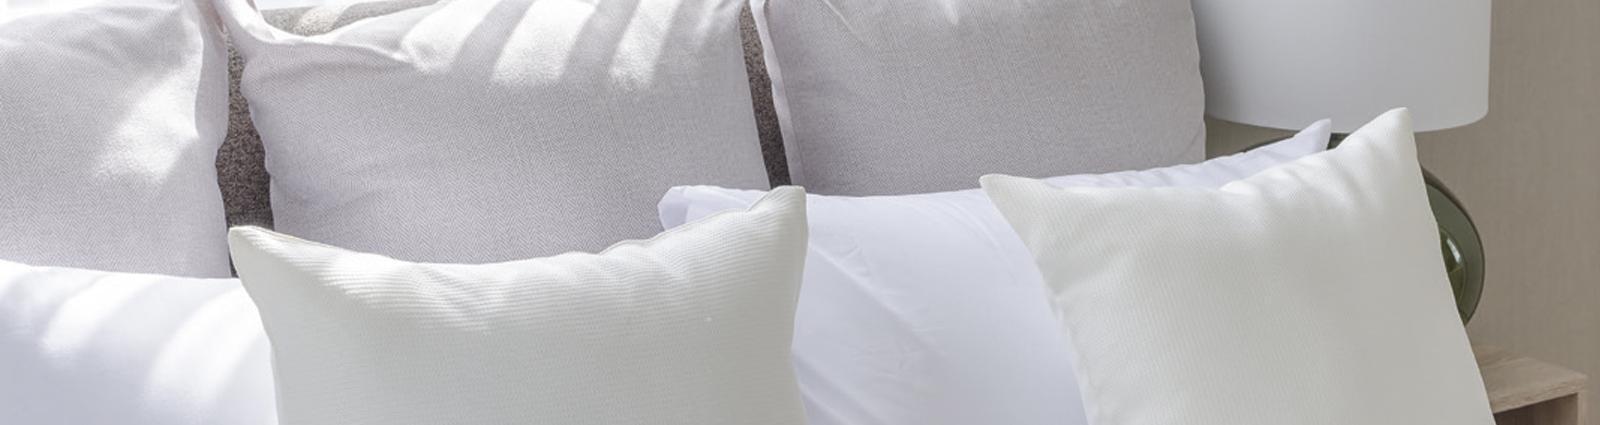 La 1ère impression de vos clients lorsqu'ils rentrent dans leur chambre d'hôtel se fait en regardant le lit : la hauteur du matelas, le gonflant de la couette, la qualité du linge de lit et bien évidemment les oreillers. Ces derniers doivent être ultra confortables et inviter au repos. Pour parfaire vos lits et assurer à vos clients un confort de sommeil absolu, choisissez des oreillers haut de gamme de qualité hôtelière, spécialement conçus pour un usage intensif et offrant des conditions d'entretien et d'hygiène adaptées à l'hôtellerie.